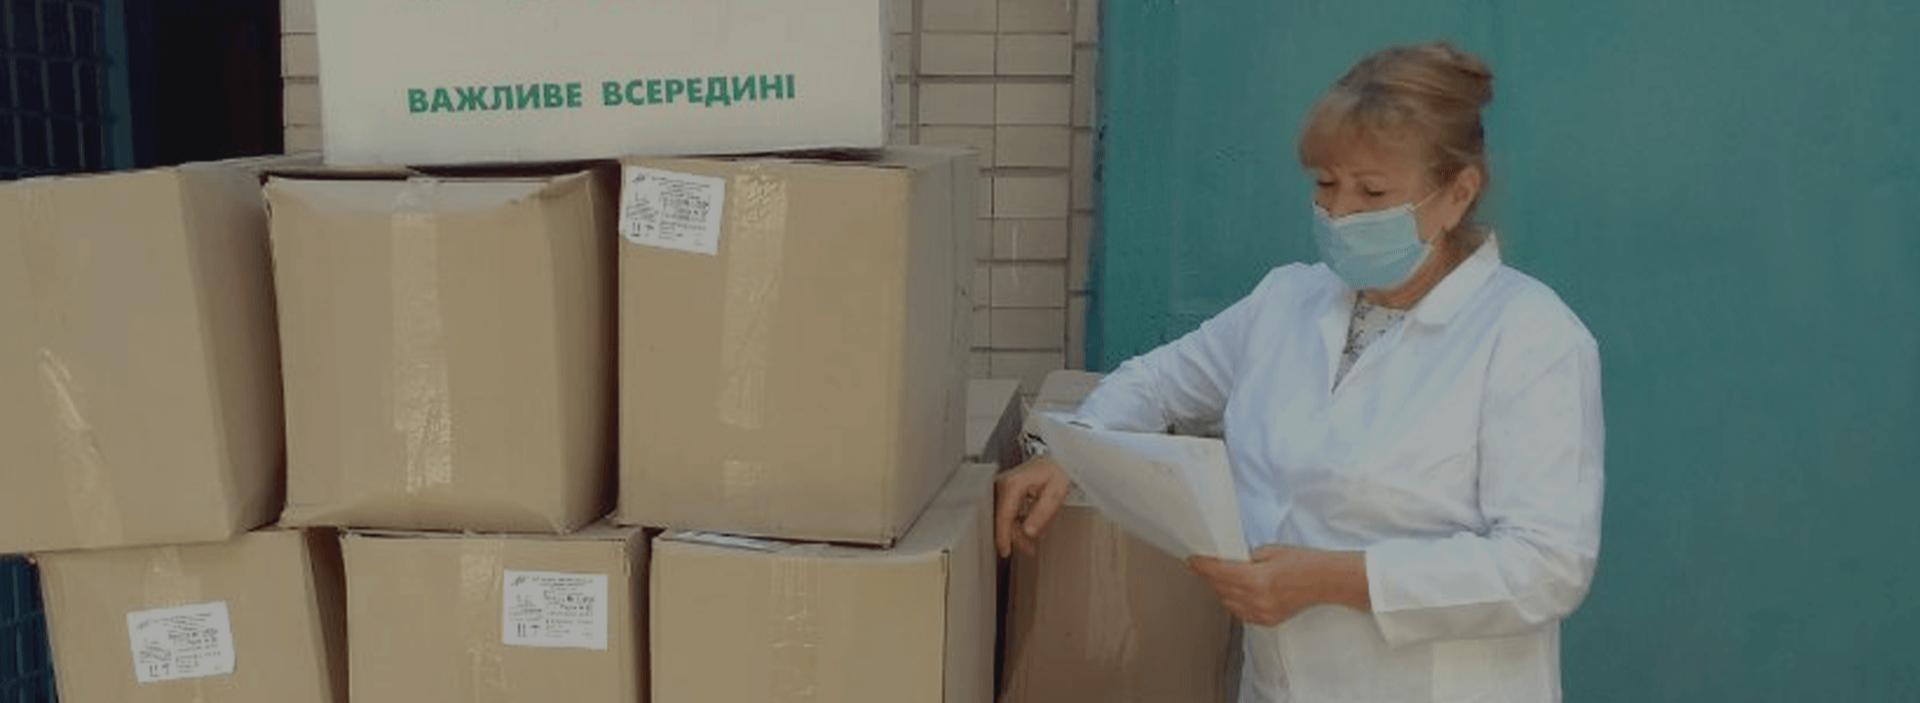 N-iX підтримує медпрацівників Києва та області: 303 780 грн на засоби індивідуального захисту